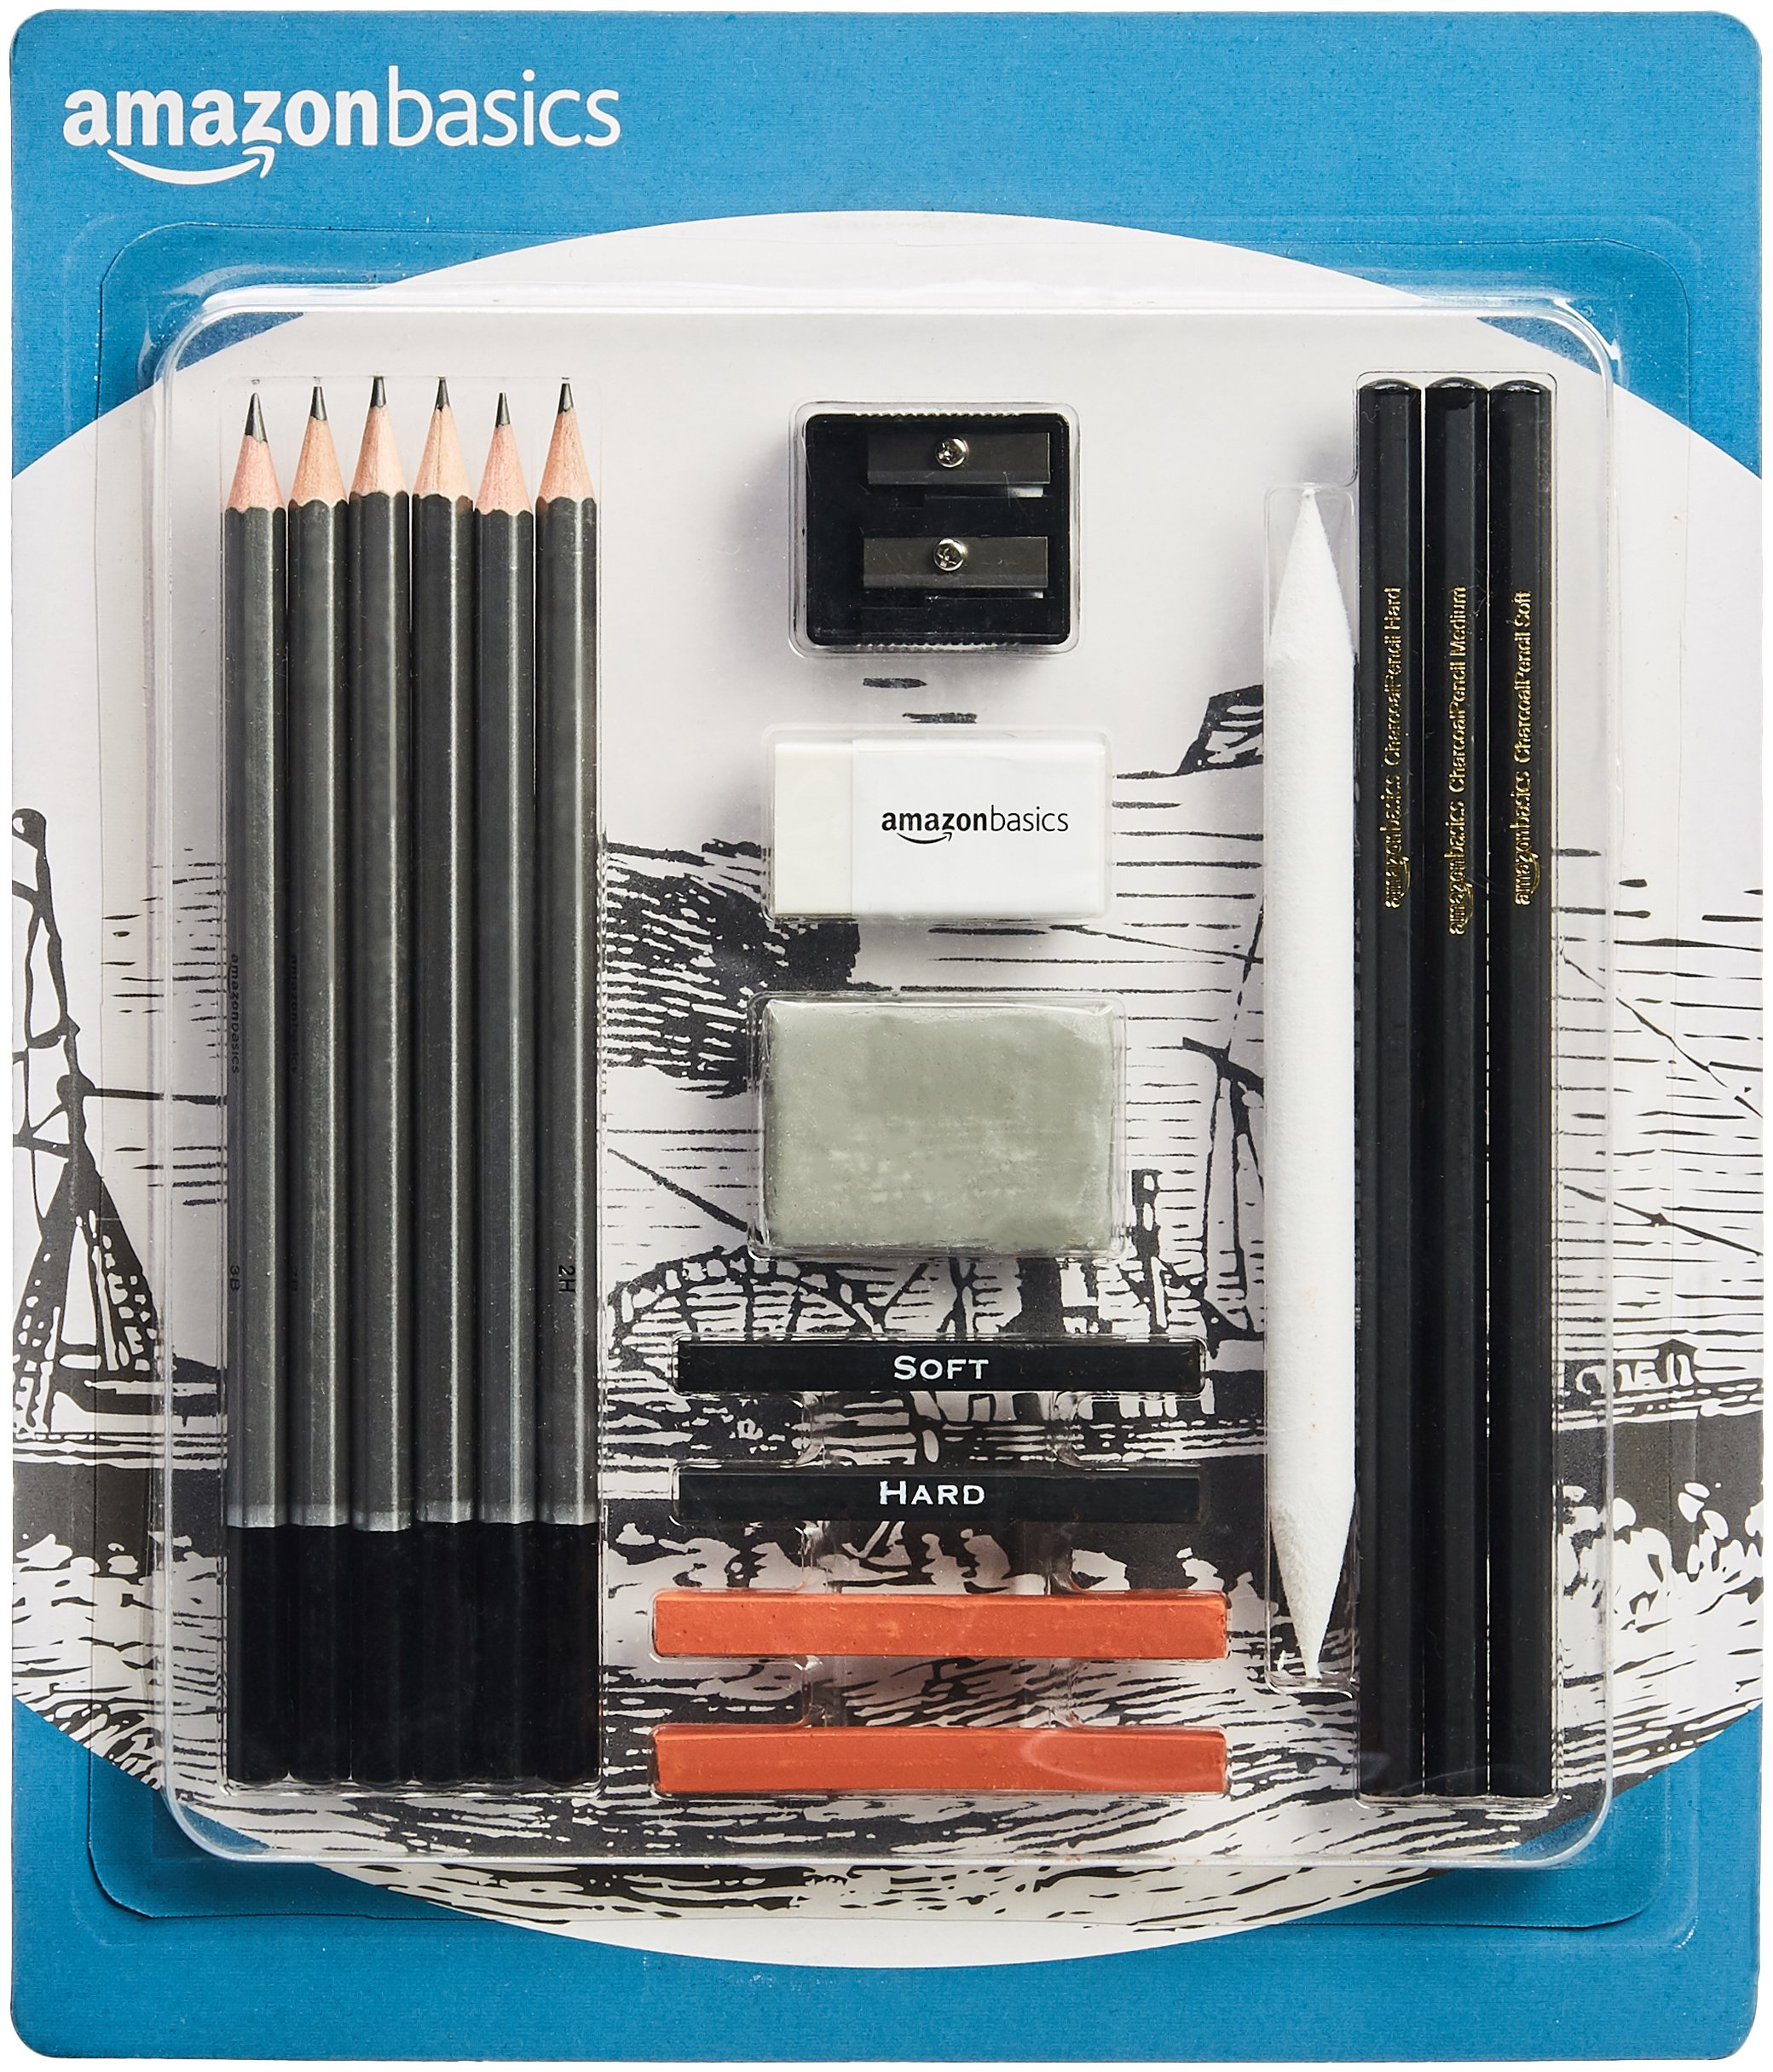 AmazonBasics Sketch Drawing Pencil Set